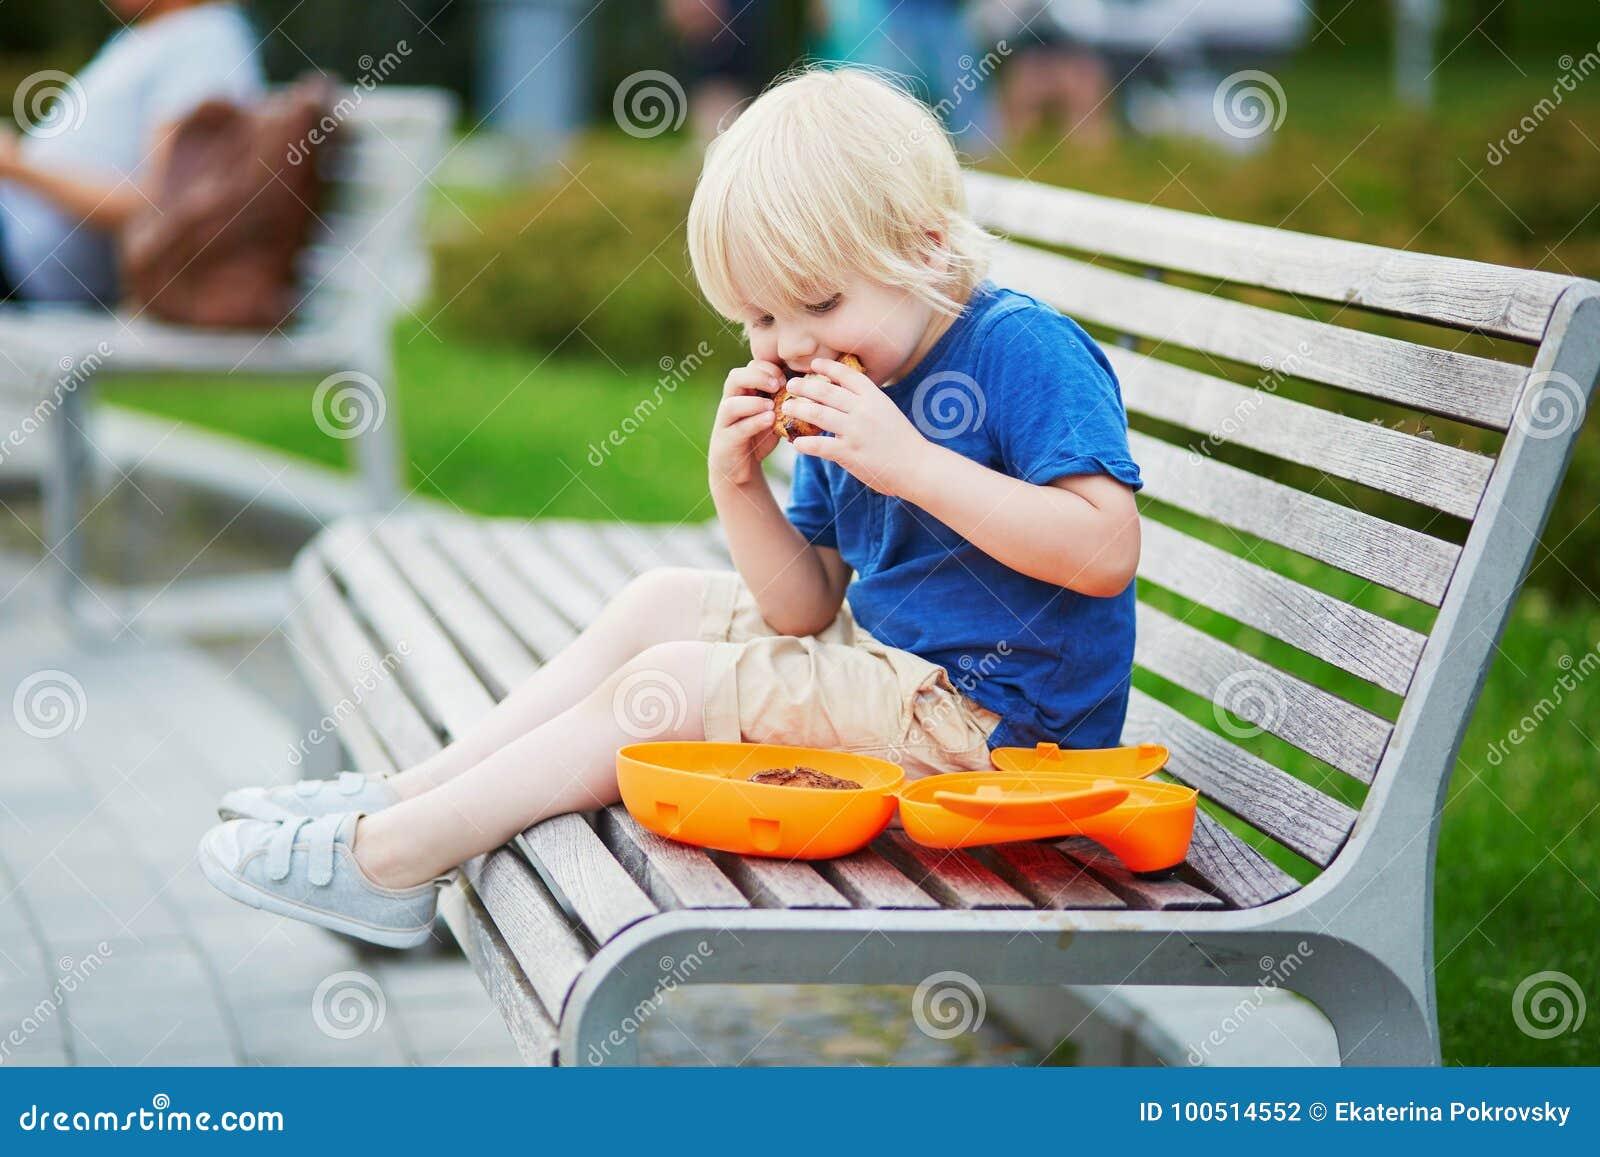 Μικρό παιδί με το καλαθάκι με φαγητό και το υγιές πρόχειρο φαγητό